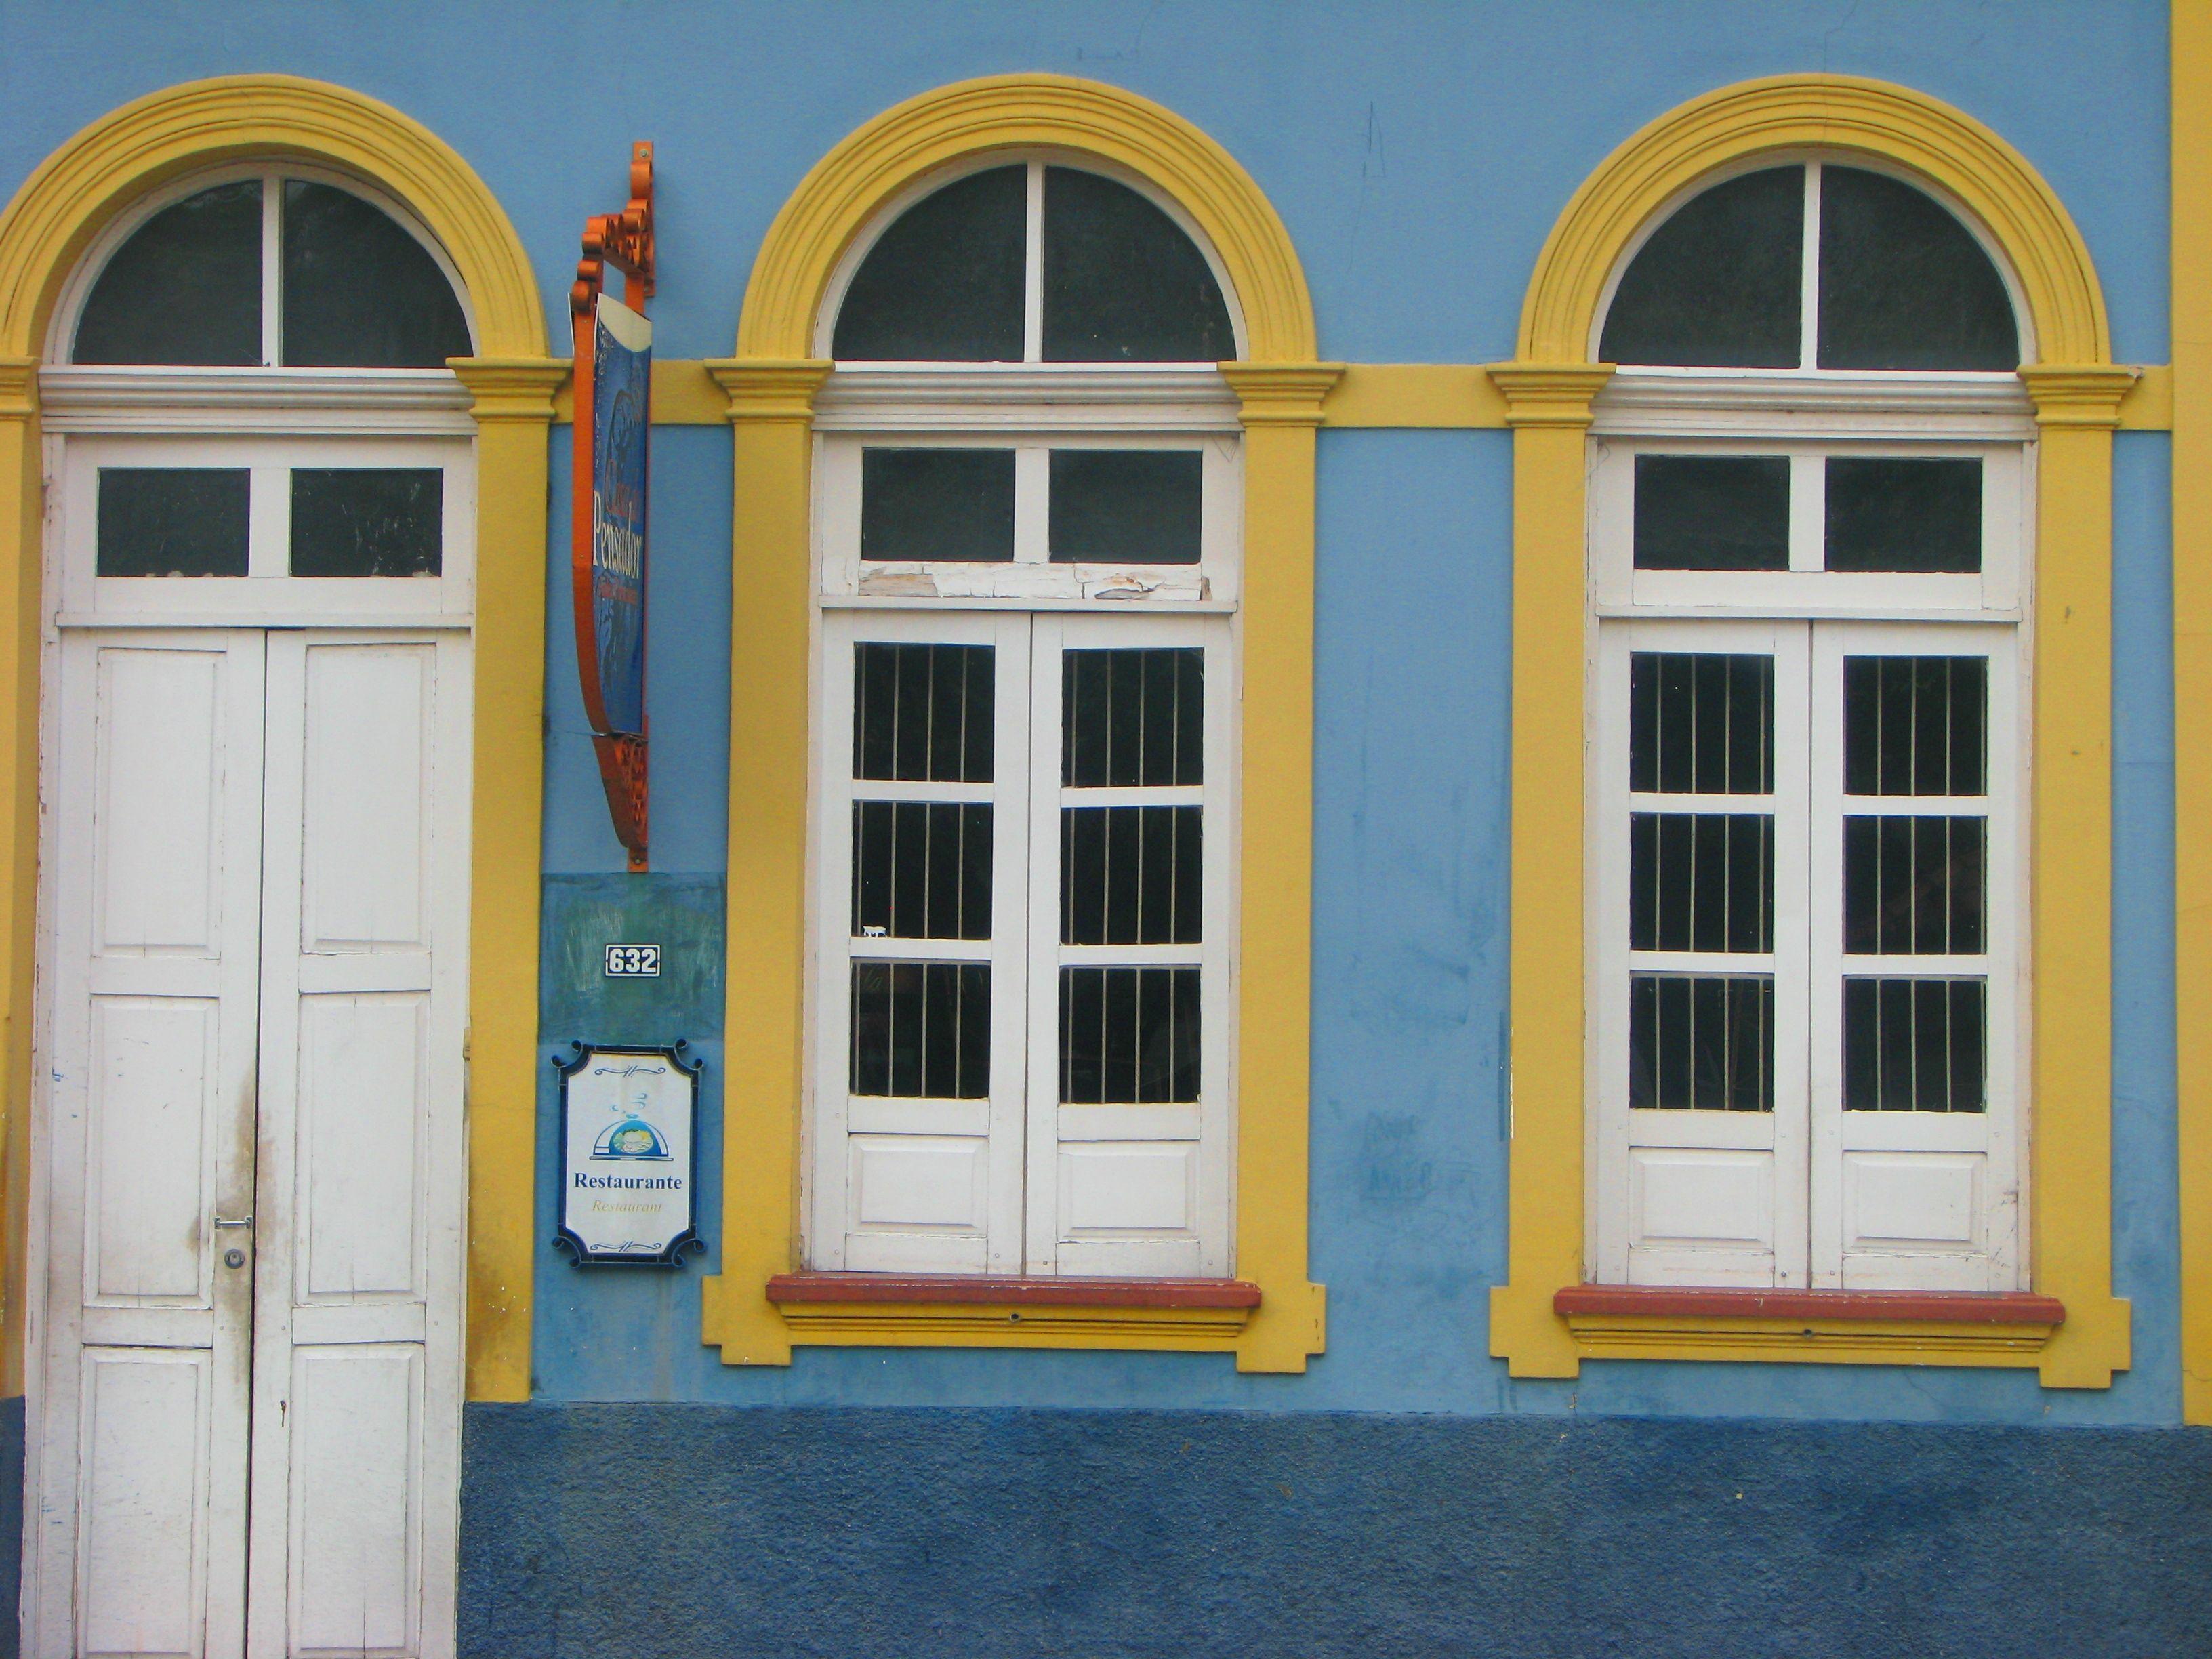 #977C34 Portas e Janelas Manaus Am. Meu Brasil brasileiro Pinterest 168 Janelas De Vidro Manaus